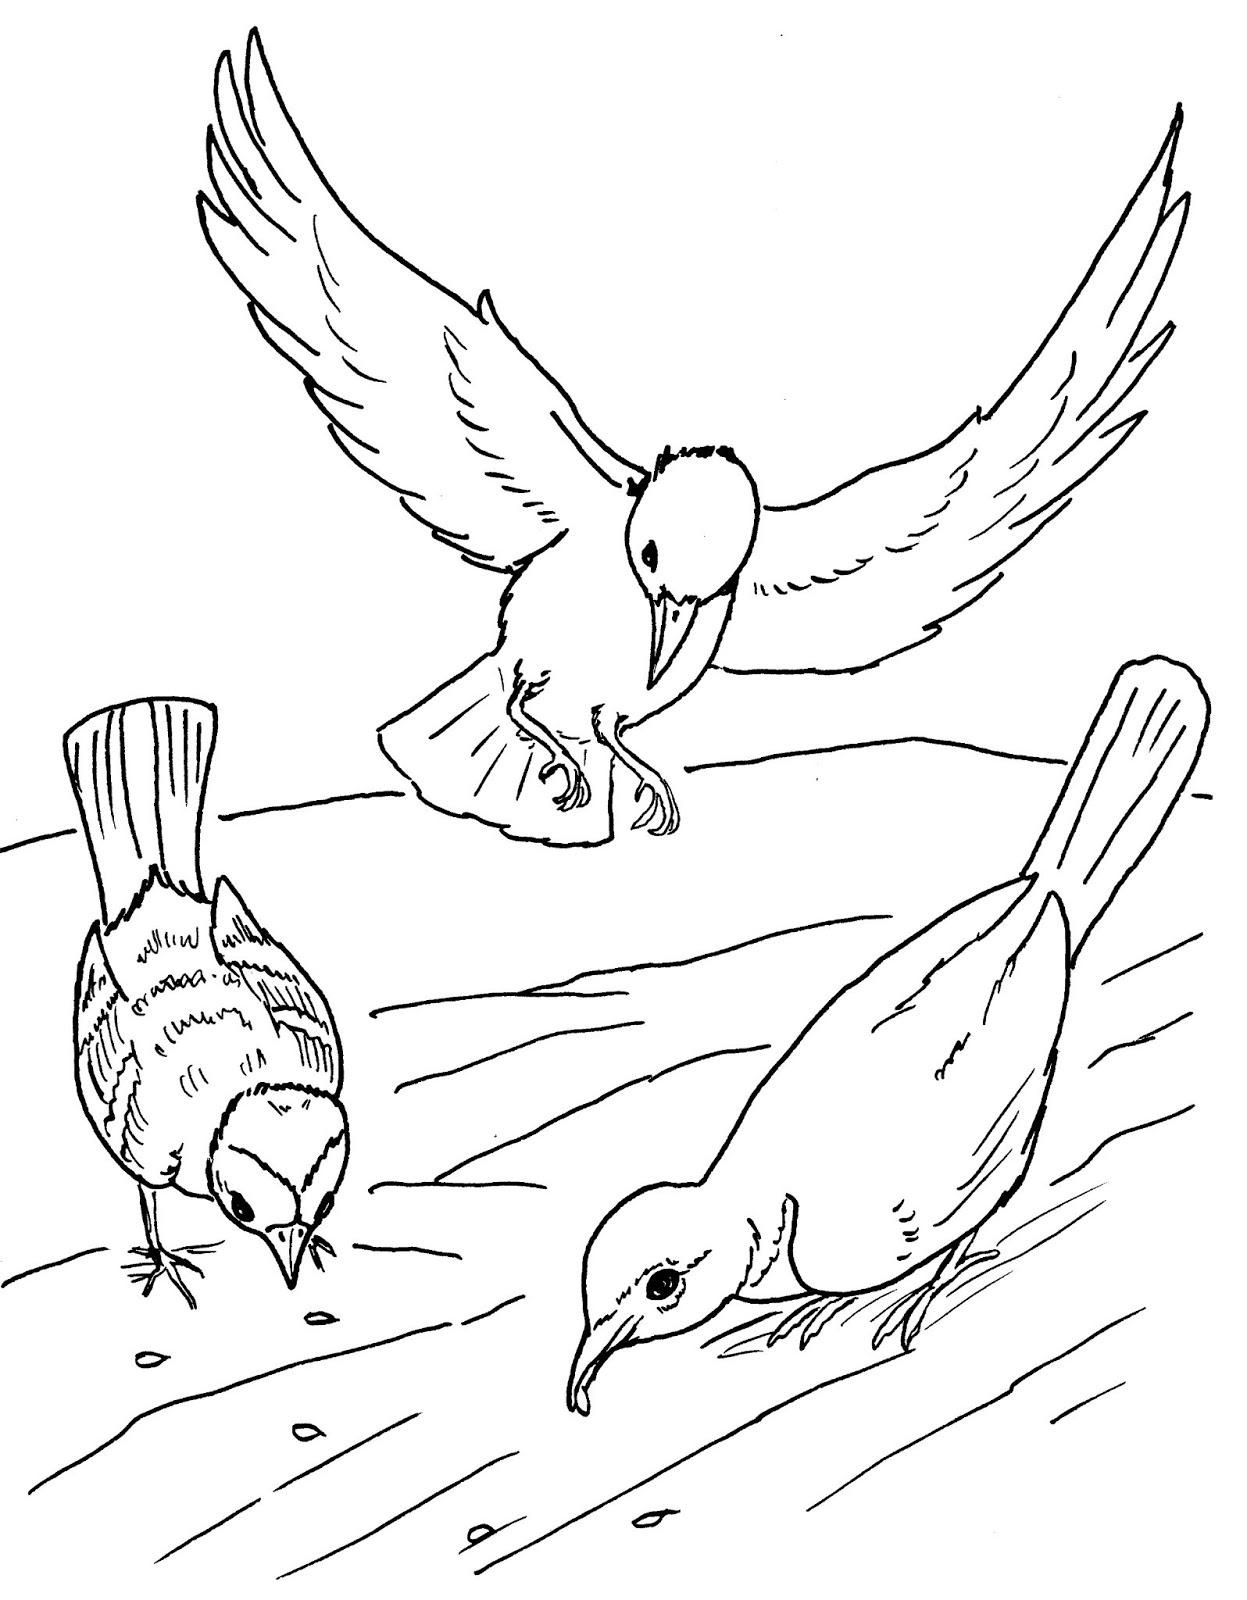 Tranh tô màu con chim nhặt thóc